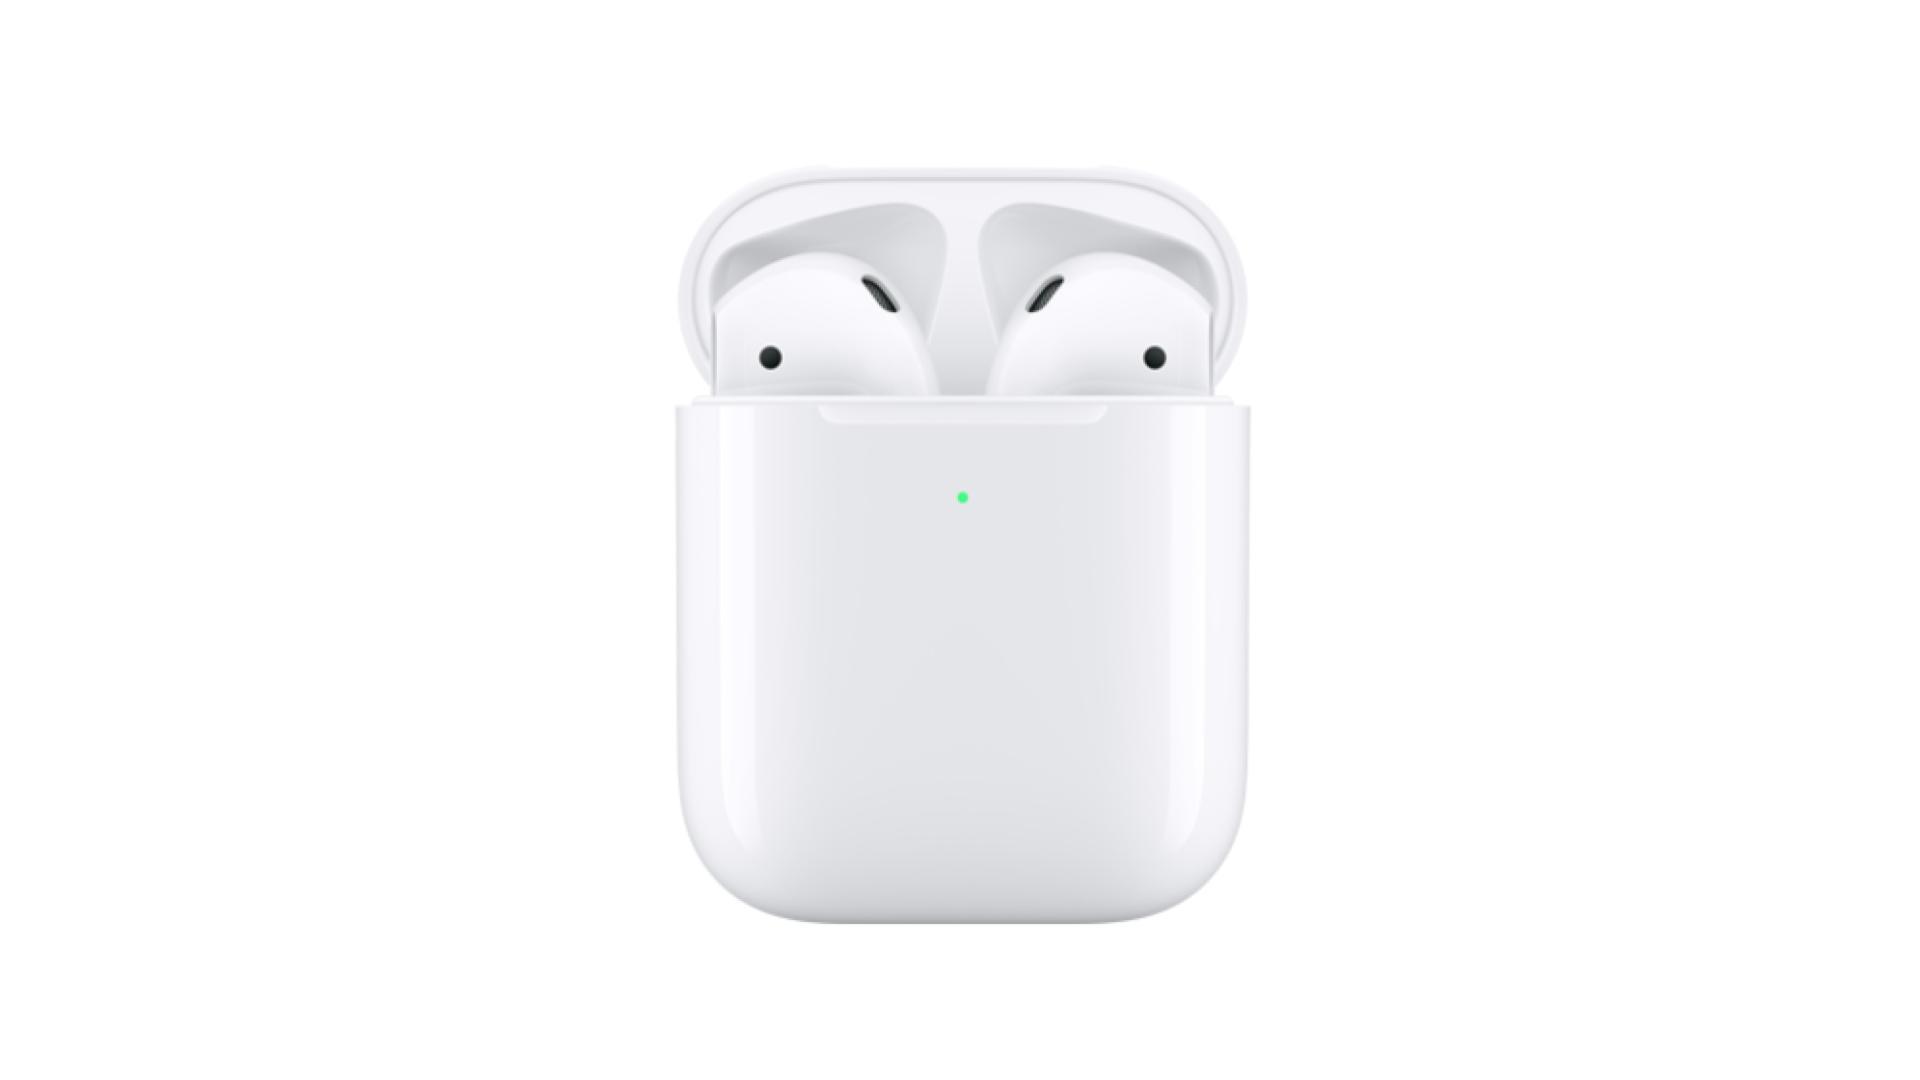 🔥 Soldes 2019 : les Apple AirPods 2 tombent à 142 euros au lieu de 229 euros